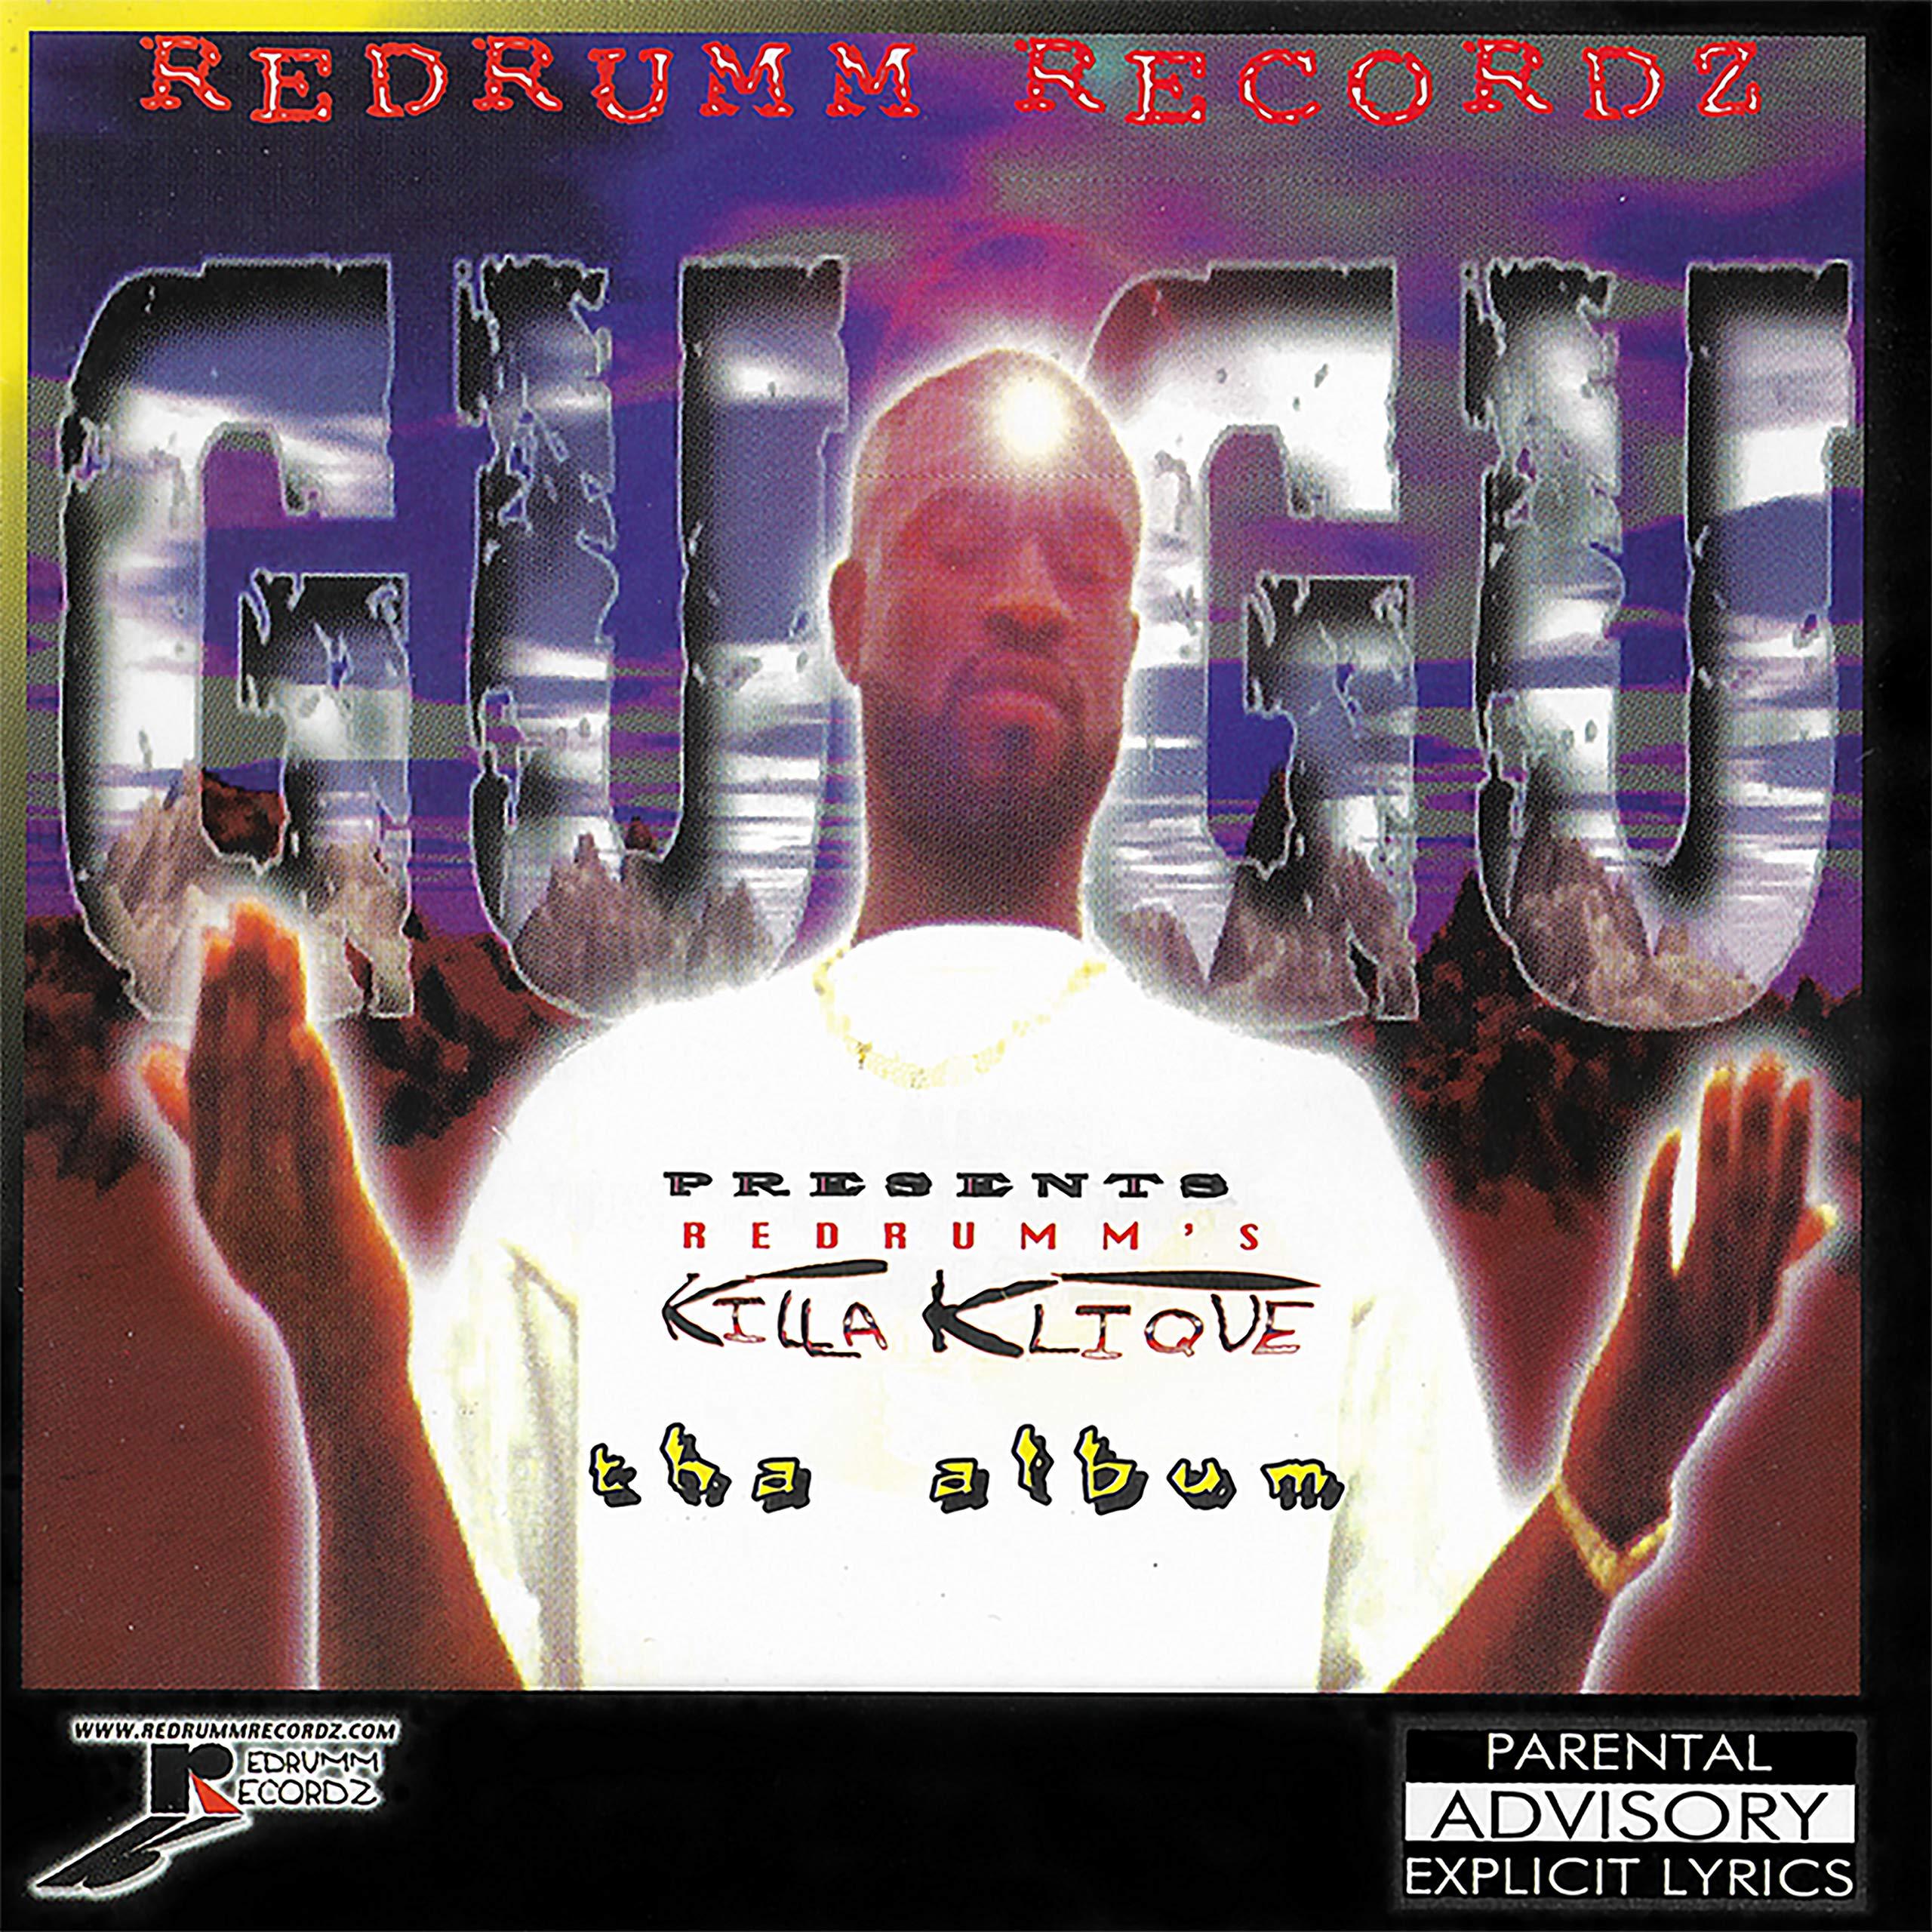 Gugu – Presents Redrumm's Killa Klique Tha Album (1998) [FLAC]